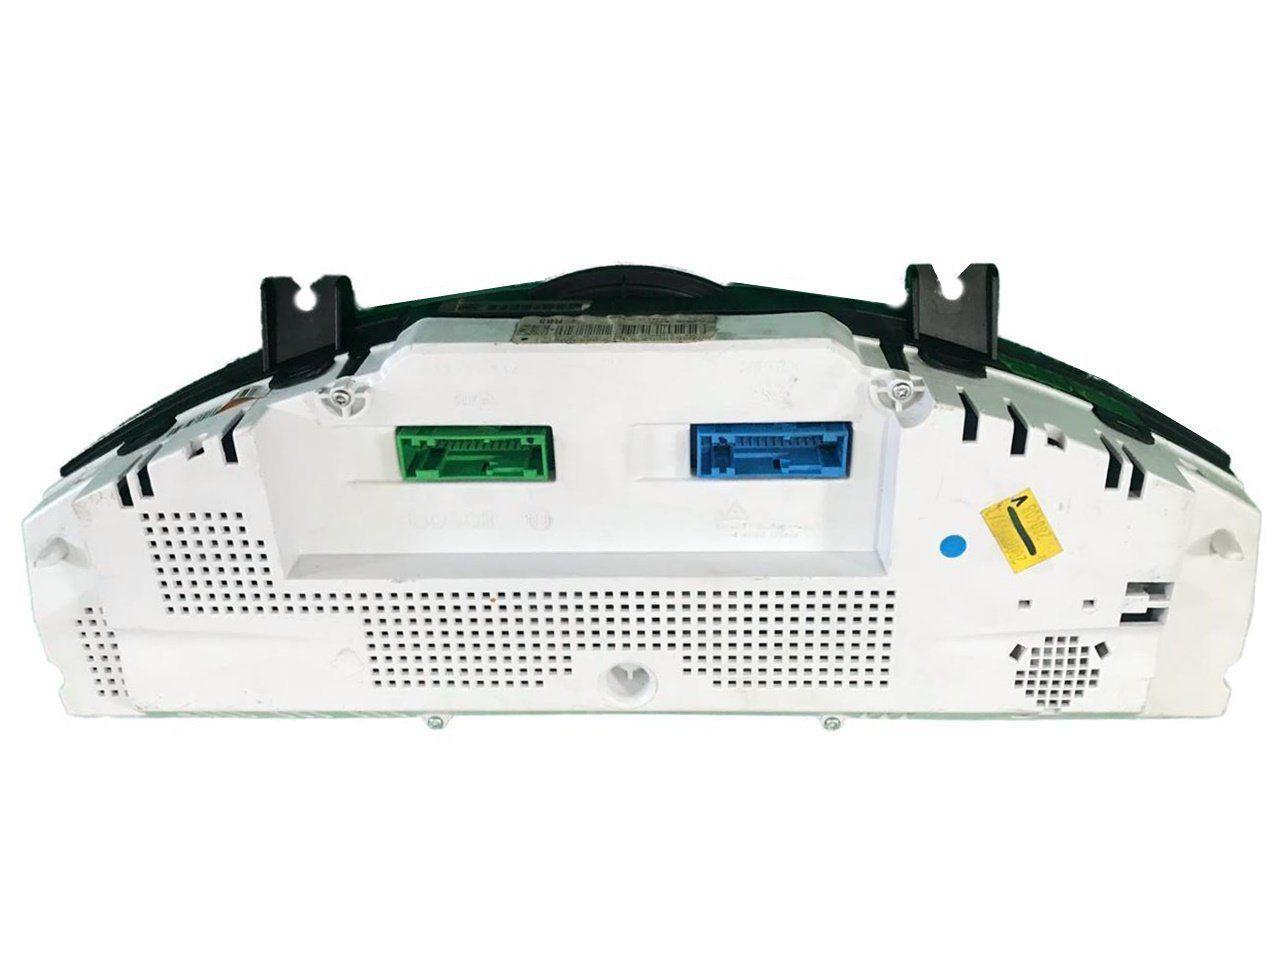 Painel de Instrumentos Velocimetro Rpm Computador de Bordo Visor Digital 0263633553 7l5920875c Porsche Cayenne 09 010 011 012 013 014